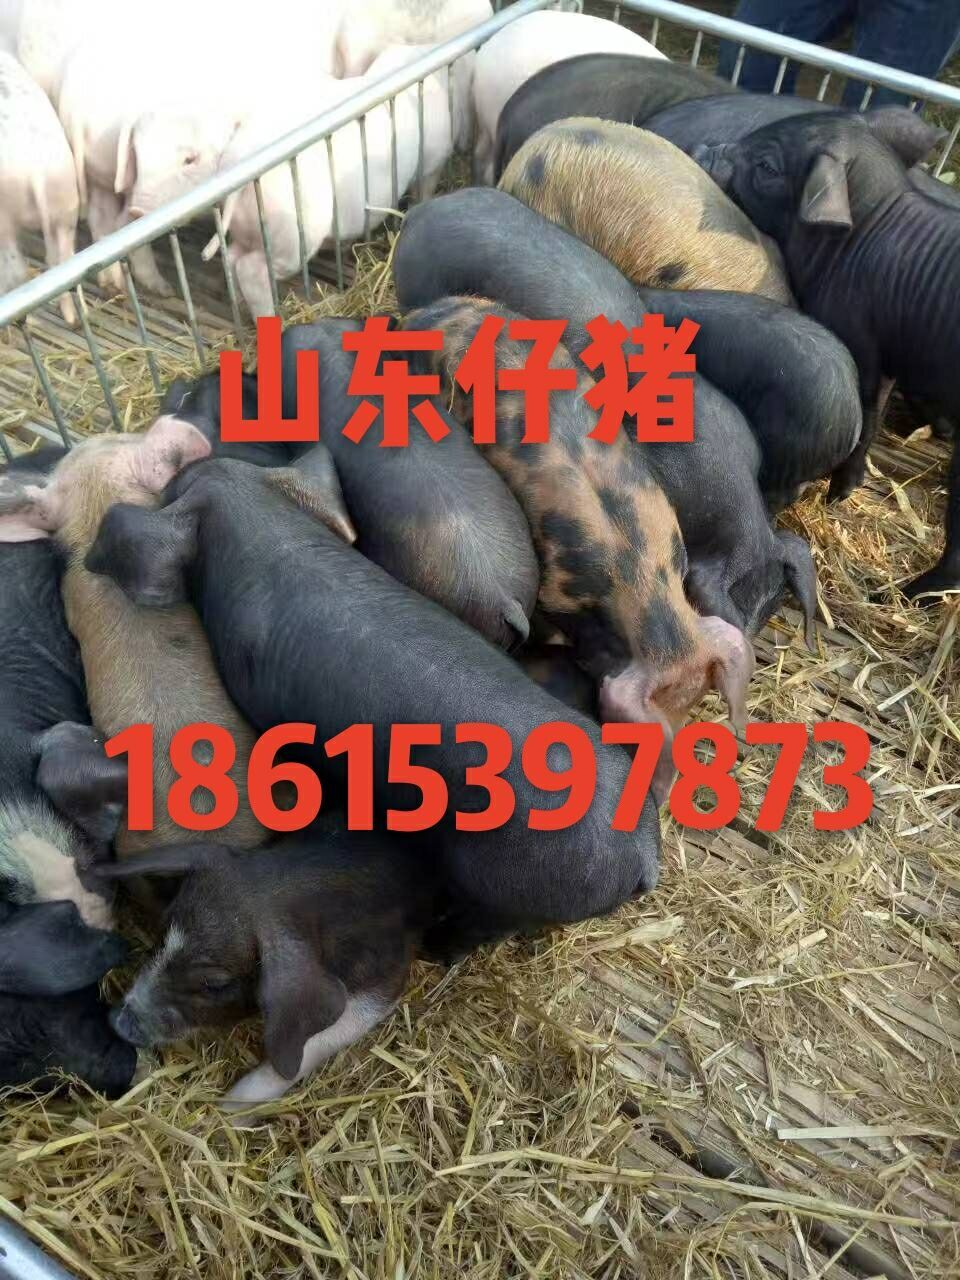 18615397873三元仔猪今日价格